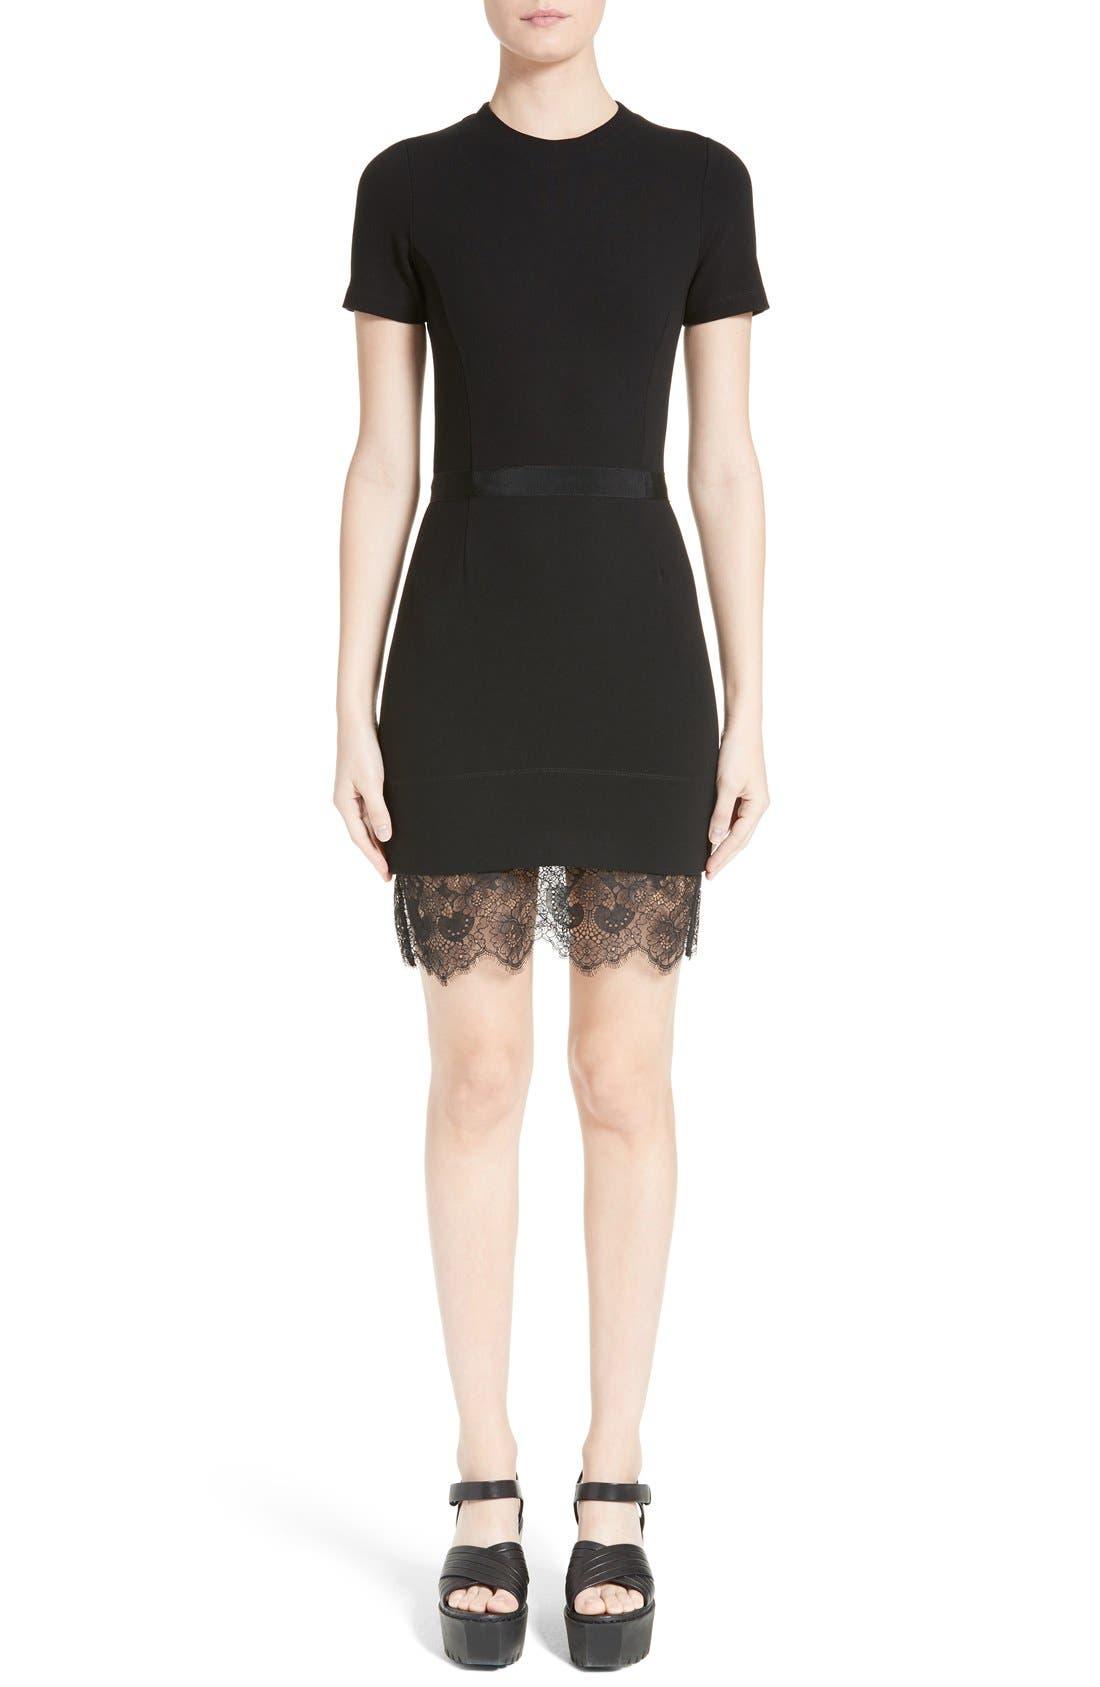 CARVEN Lace Hem Knit Dress